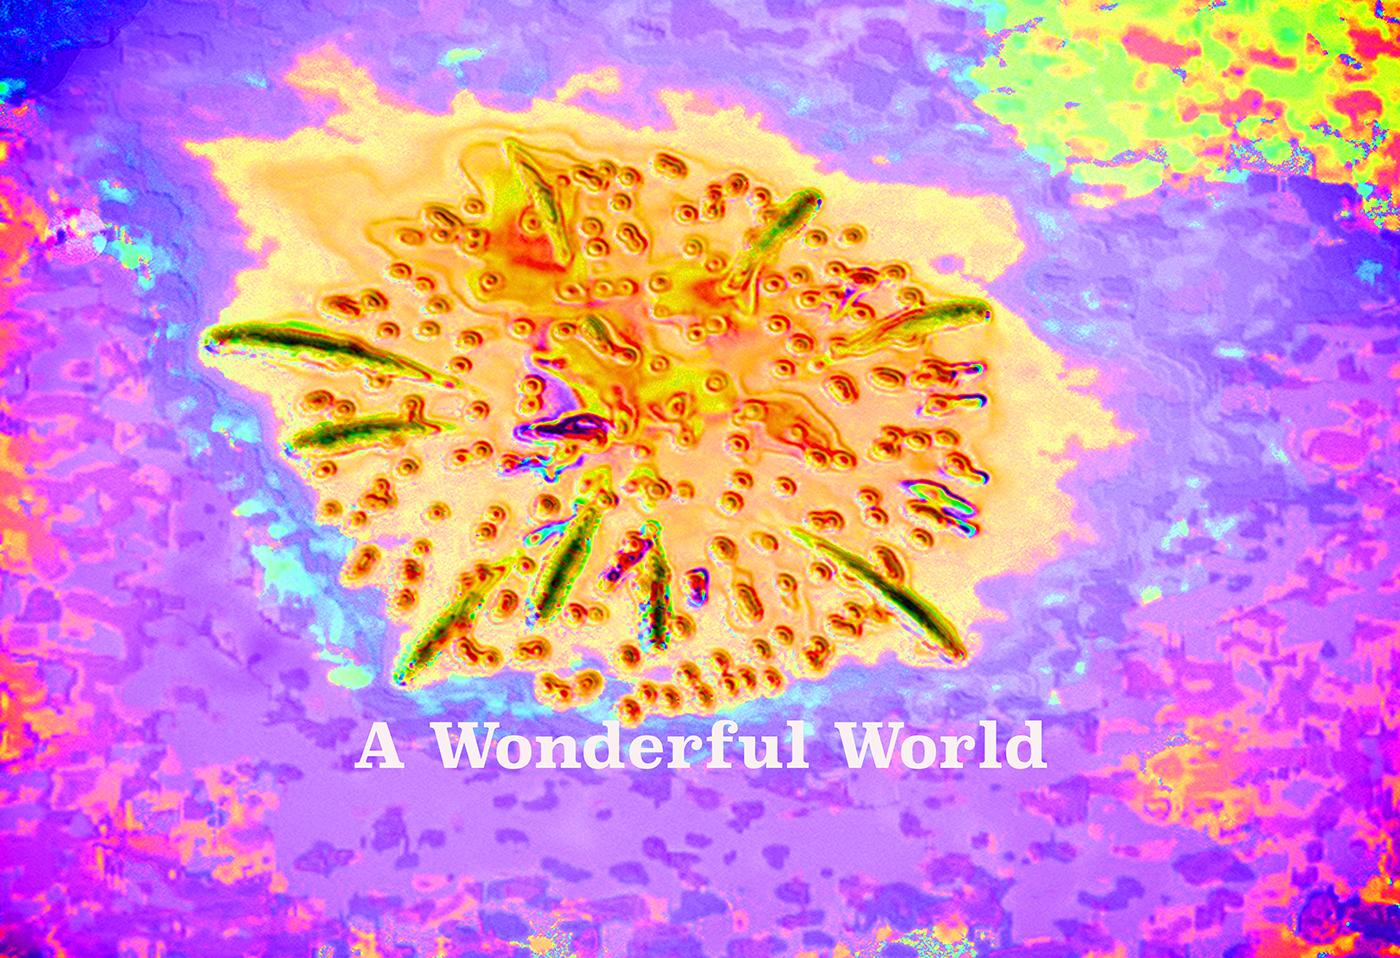 AG S1-049 A Wonderful World